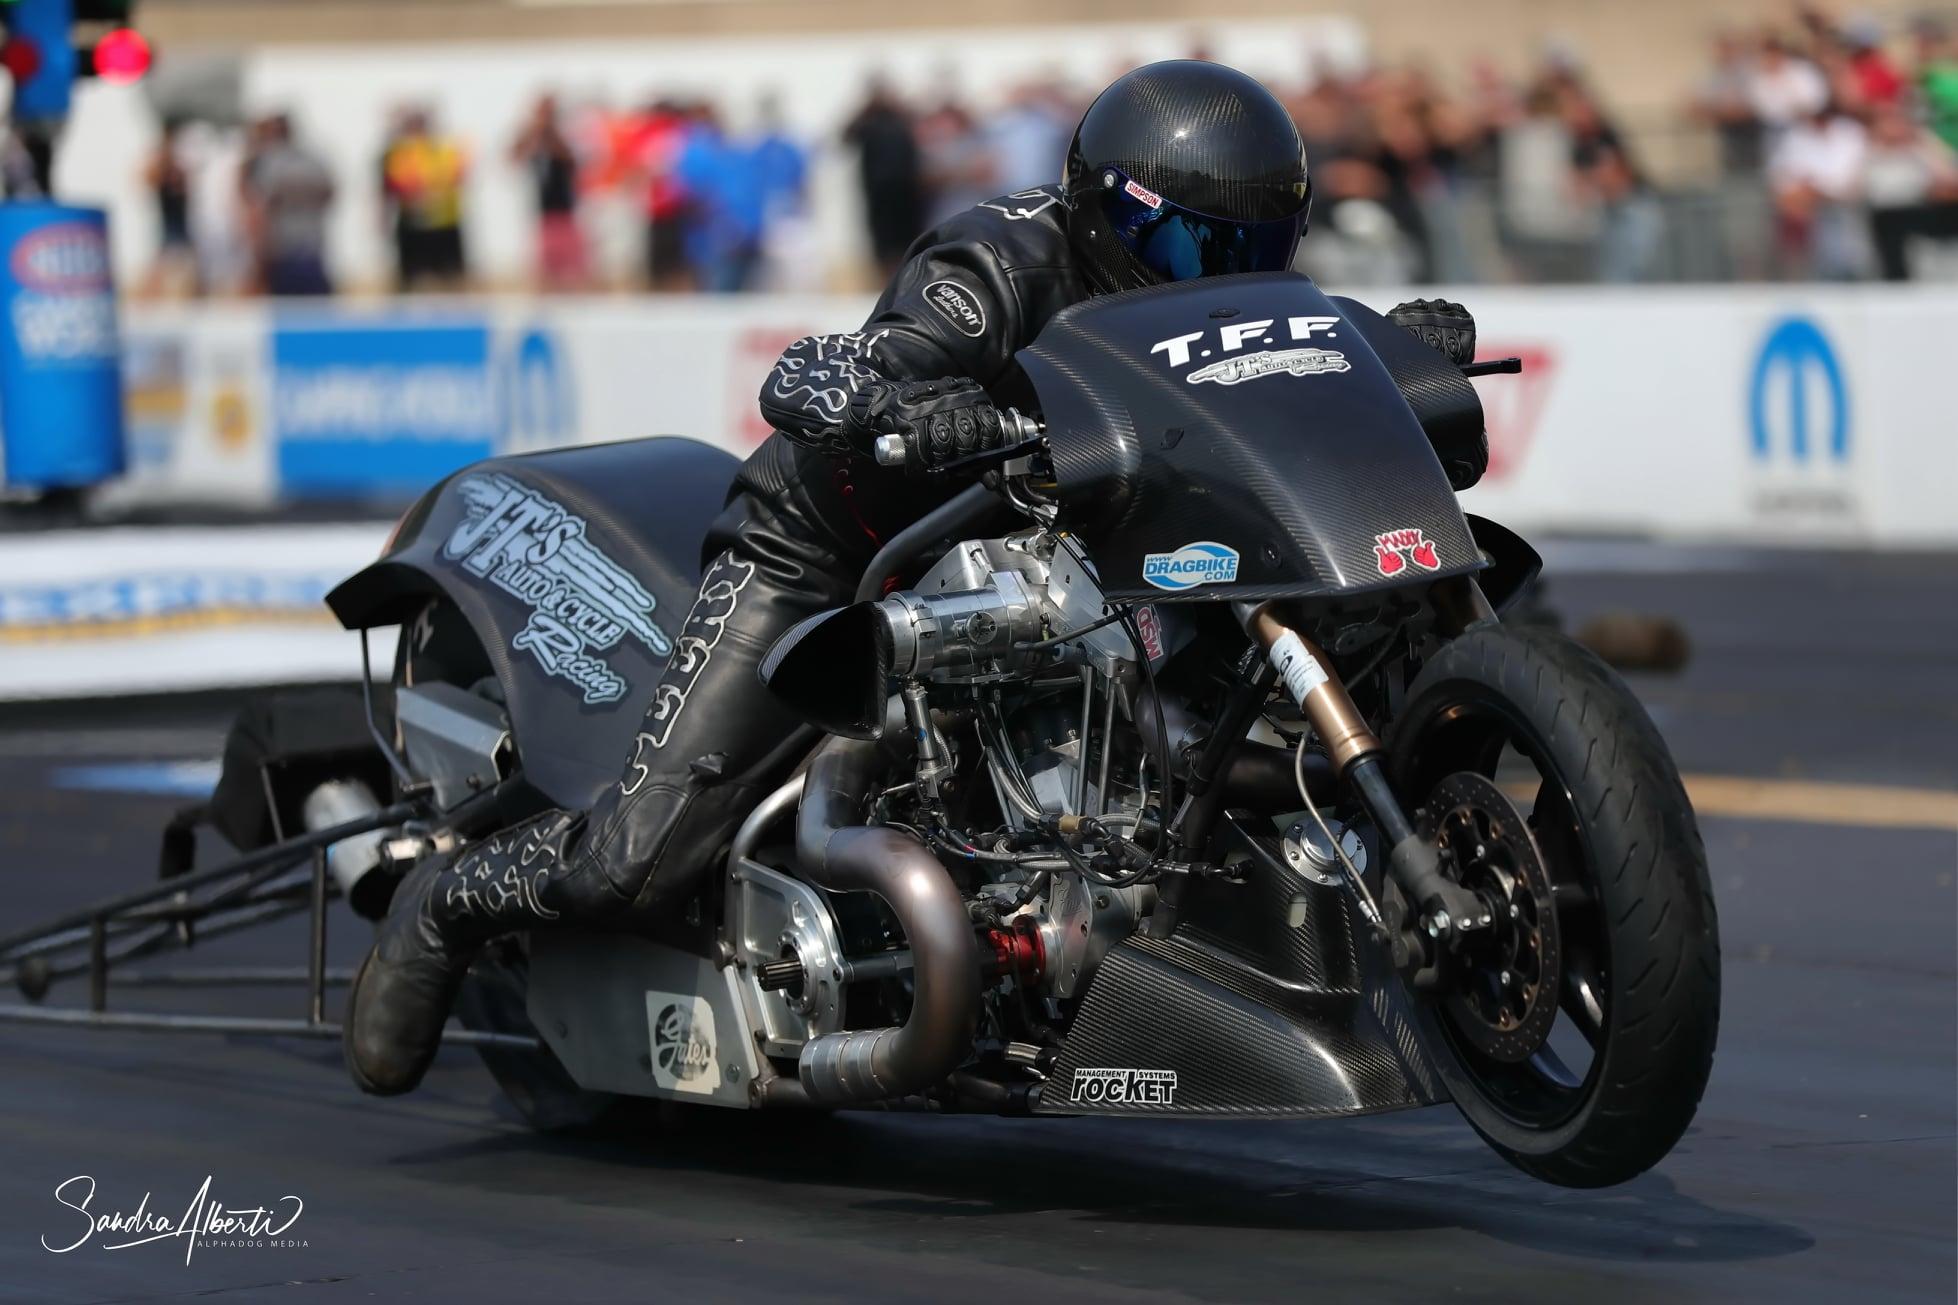 Ryan Peery - Top Fuel Harley